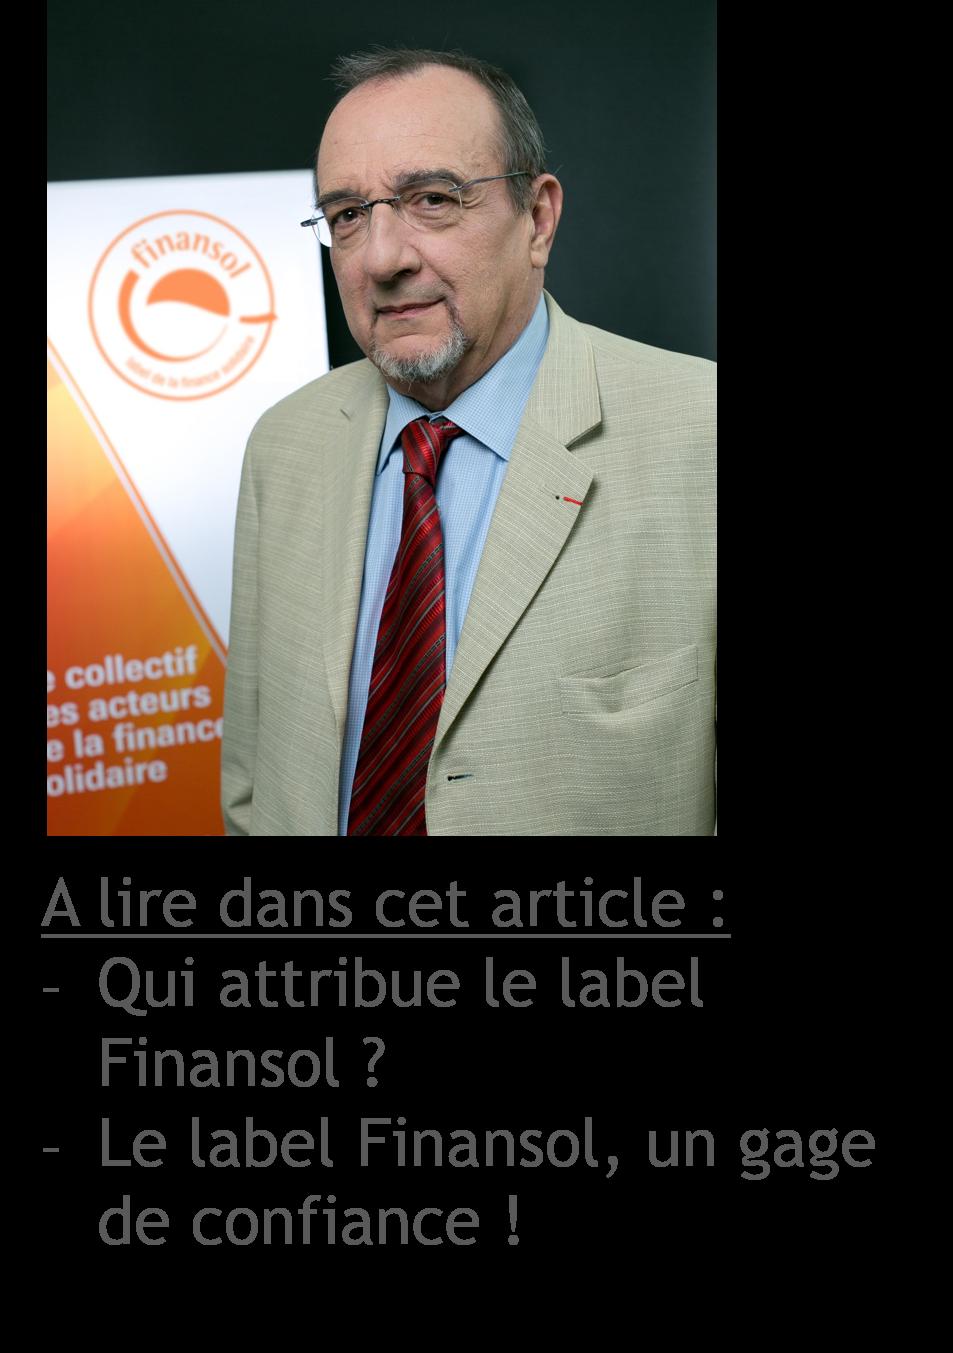 Guy Courtois quitte la présidence du Comité du label Finansol